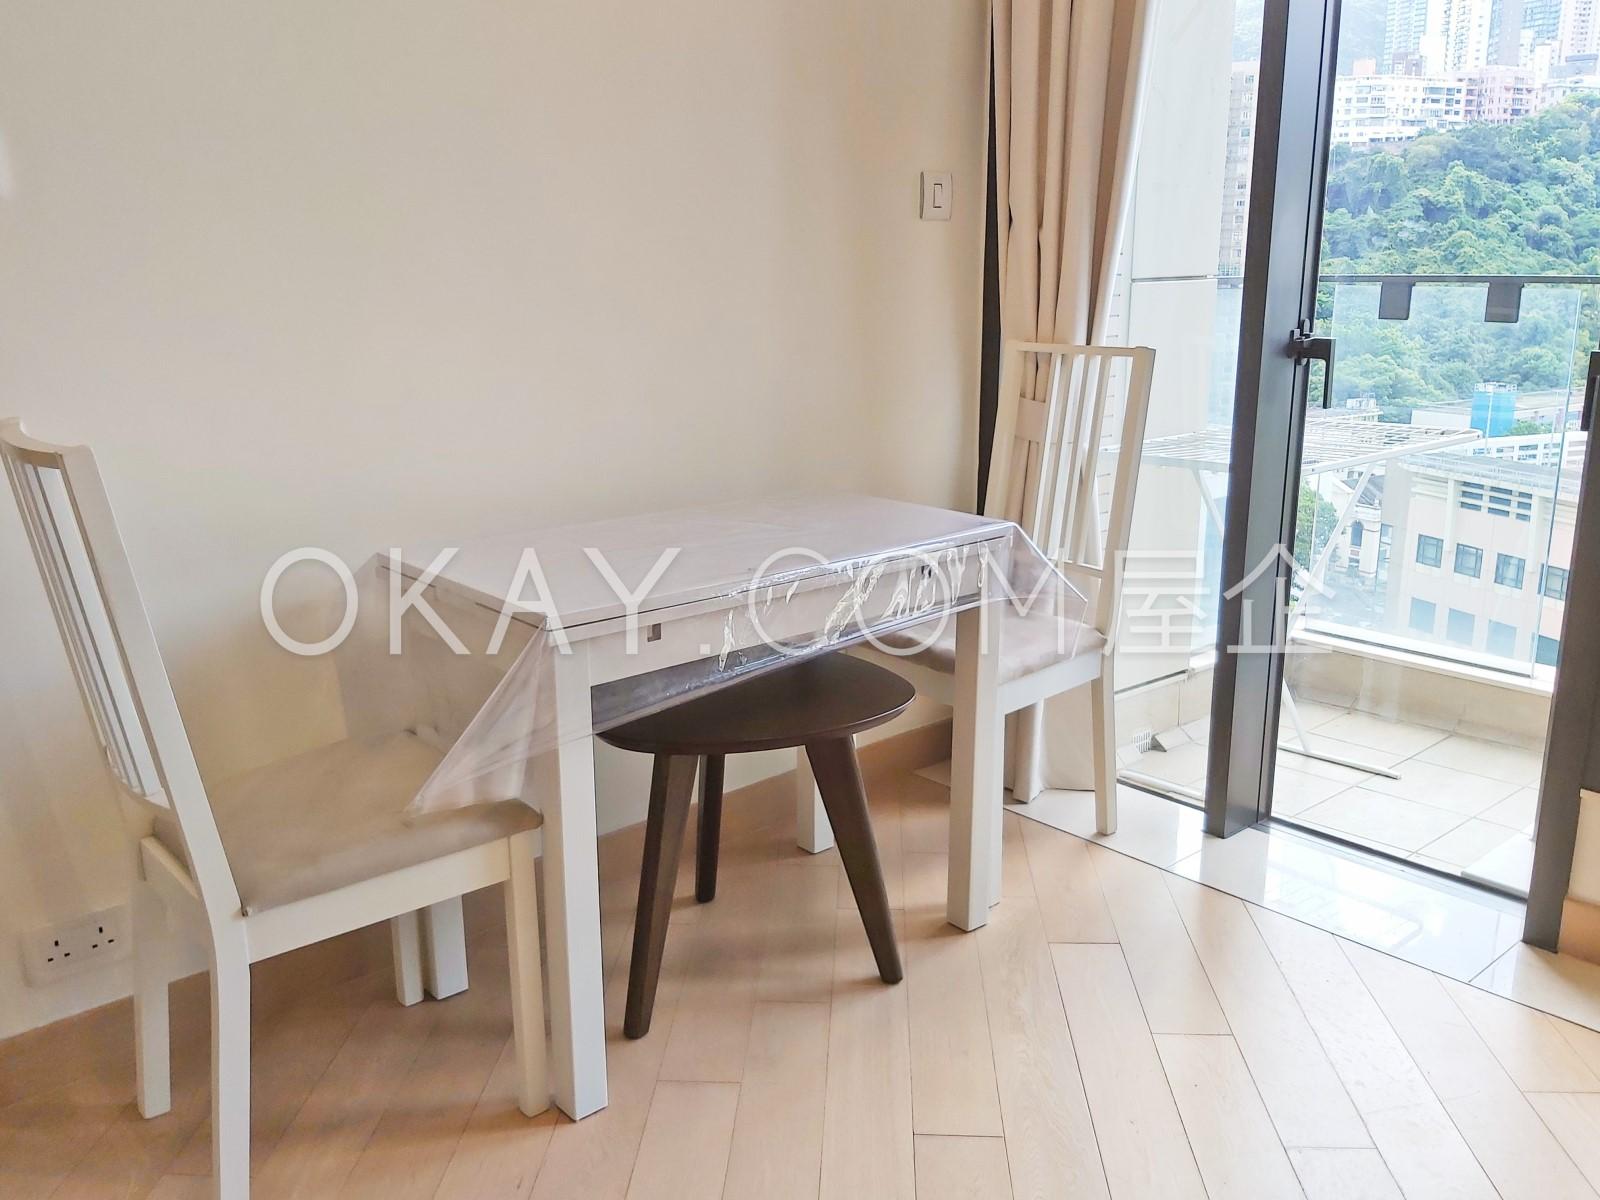 Dining Room & Balcony